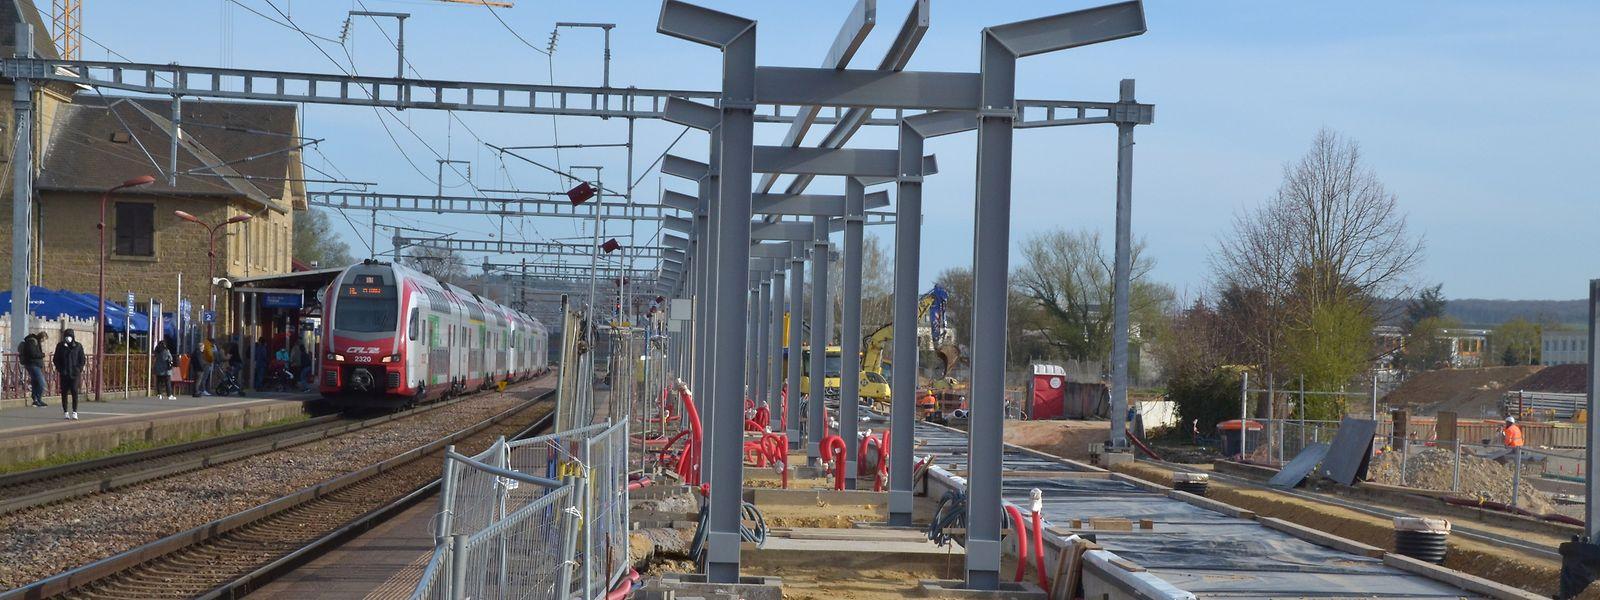 Die Stützen für das zukünftige Dach stehen bereit. Rechts erkennt man den Teil des Bahnsteigs, der als erstes fertiggestellt wird.